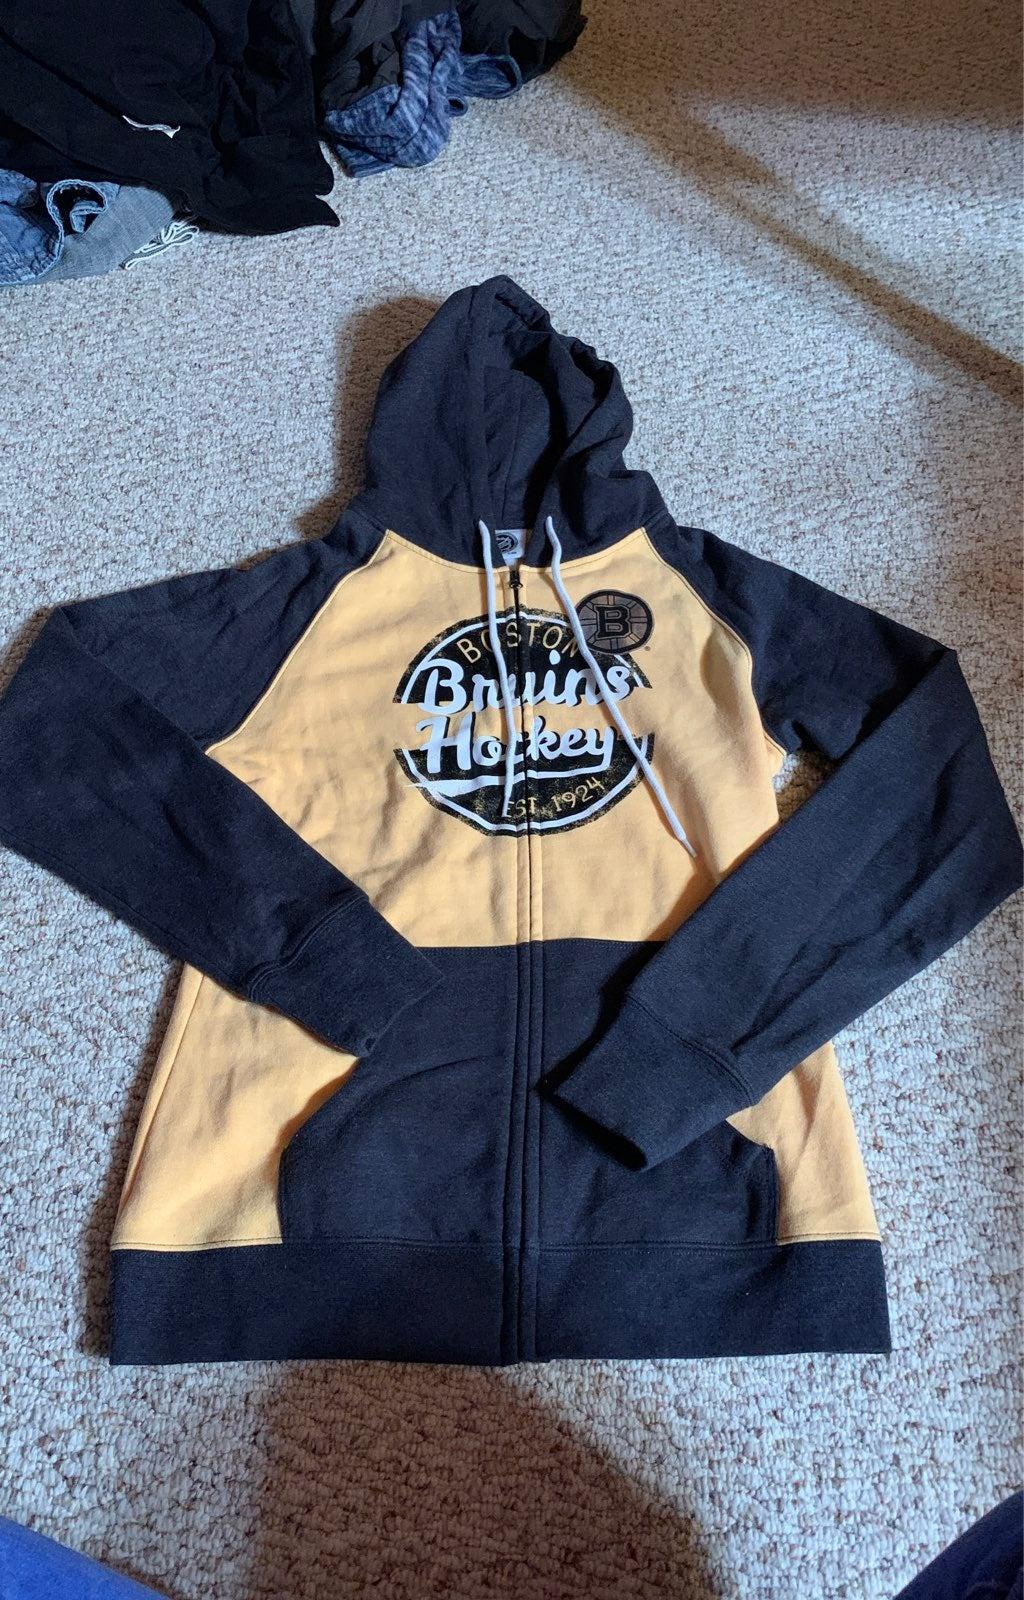 Boston Bruins 4her Hooded Sweatshirt m